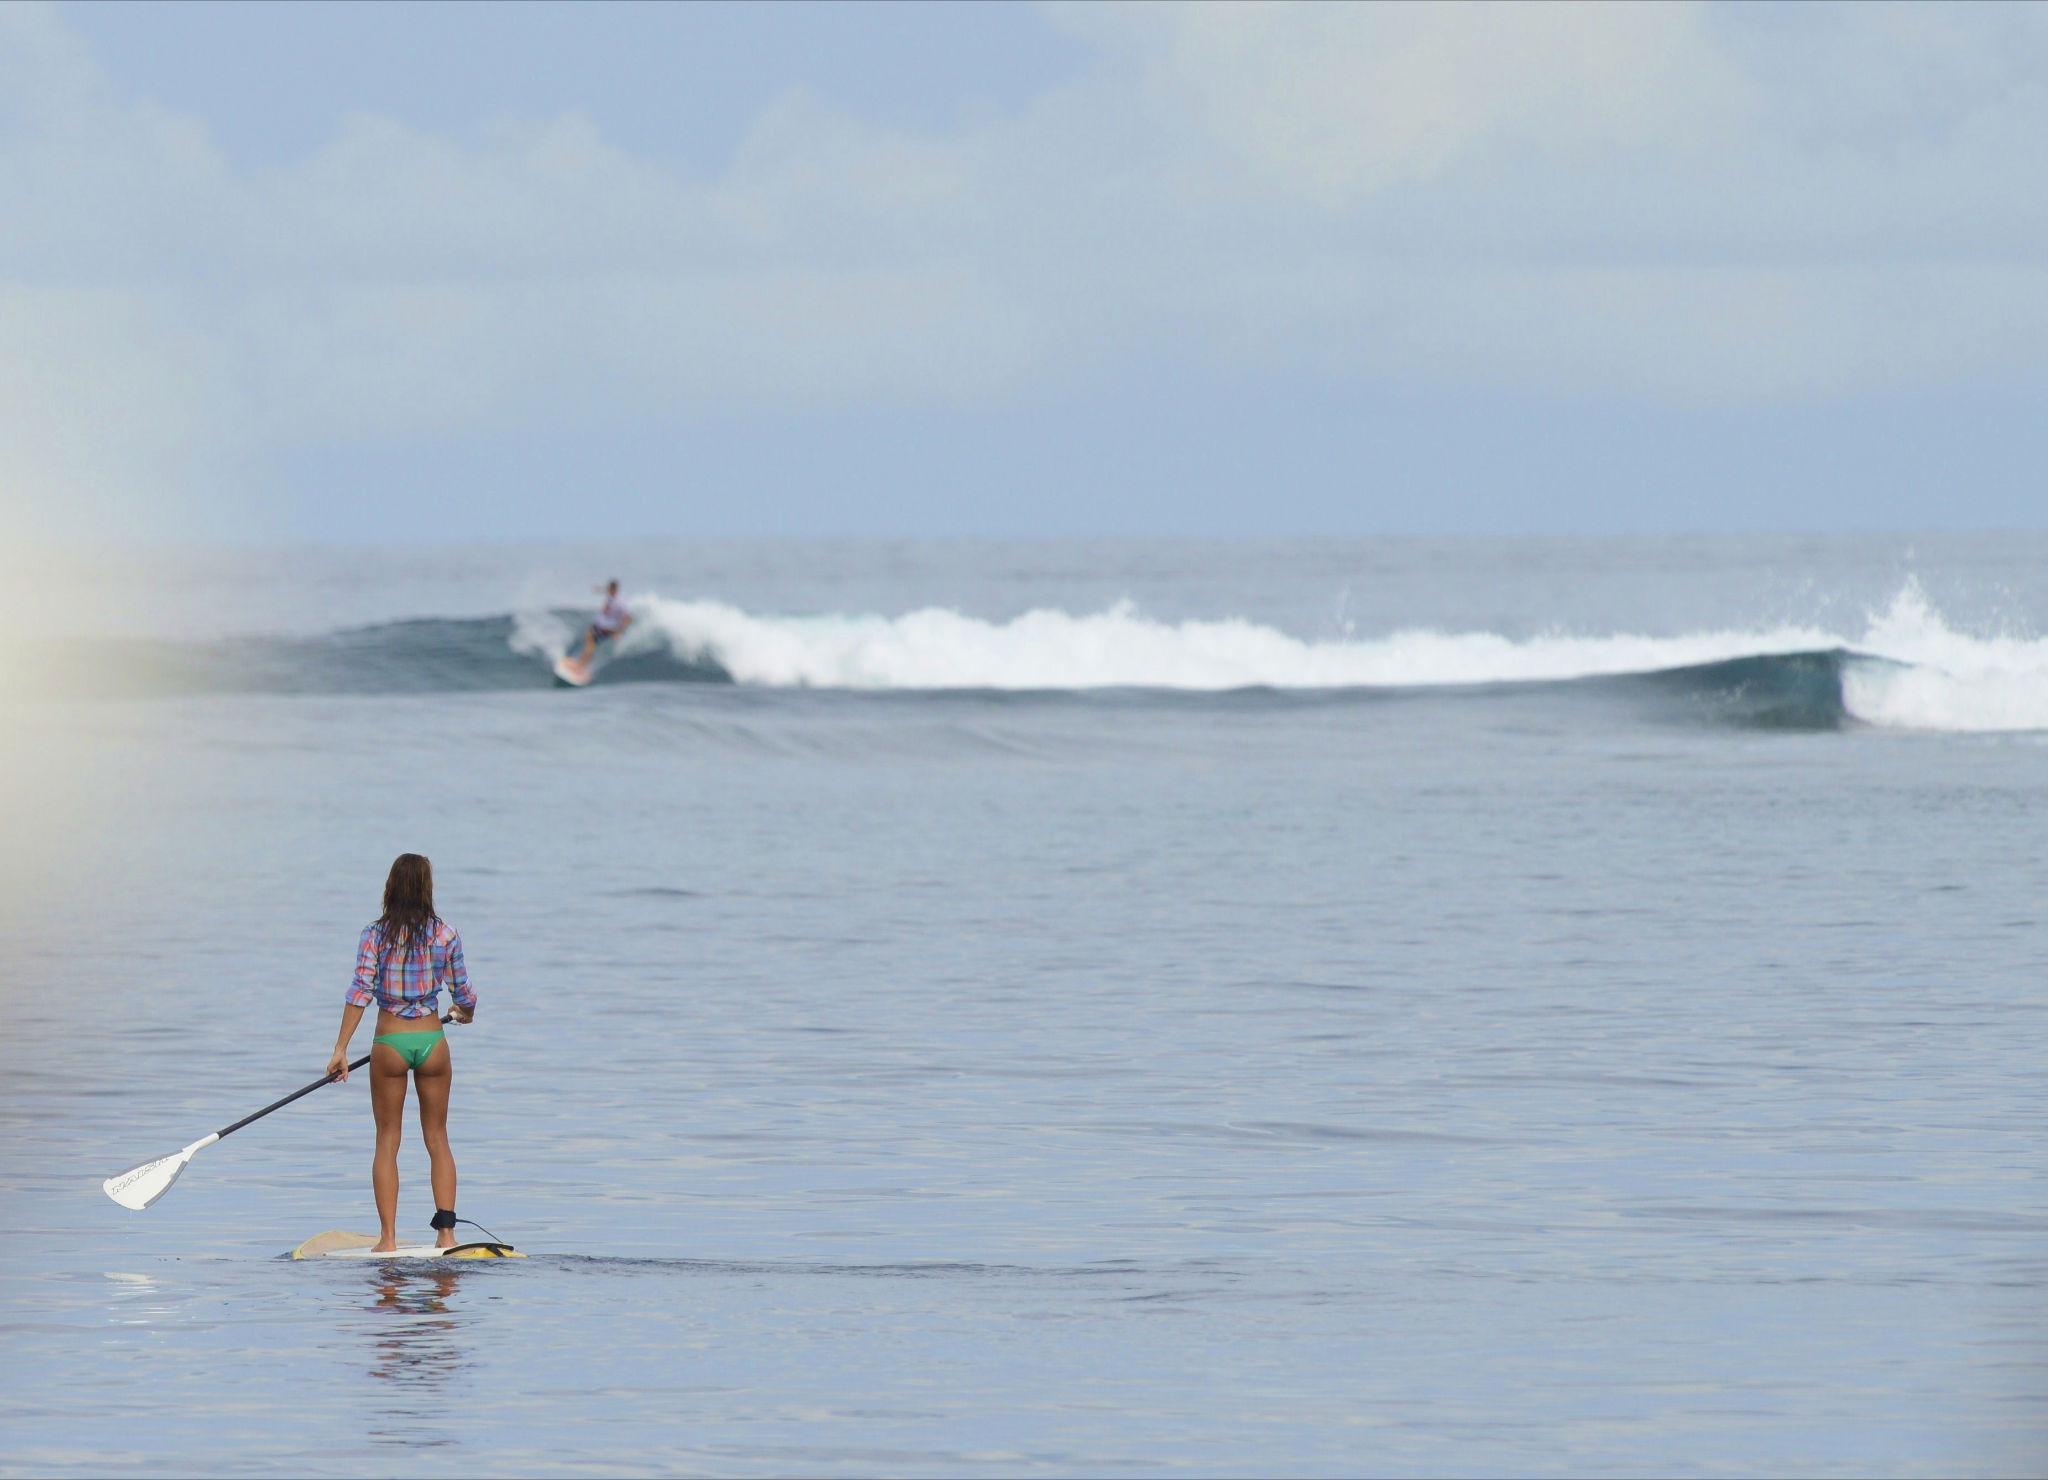 Es wird einem nie langweilig auf den Malediven: surfen, schwimmen, schnorcheln,  auf die Inseln gehen, oder bei kleinen Wellen mal ein SUP raus nehmen...photo: Thomas Becks